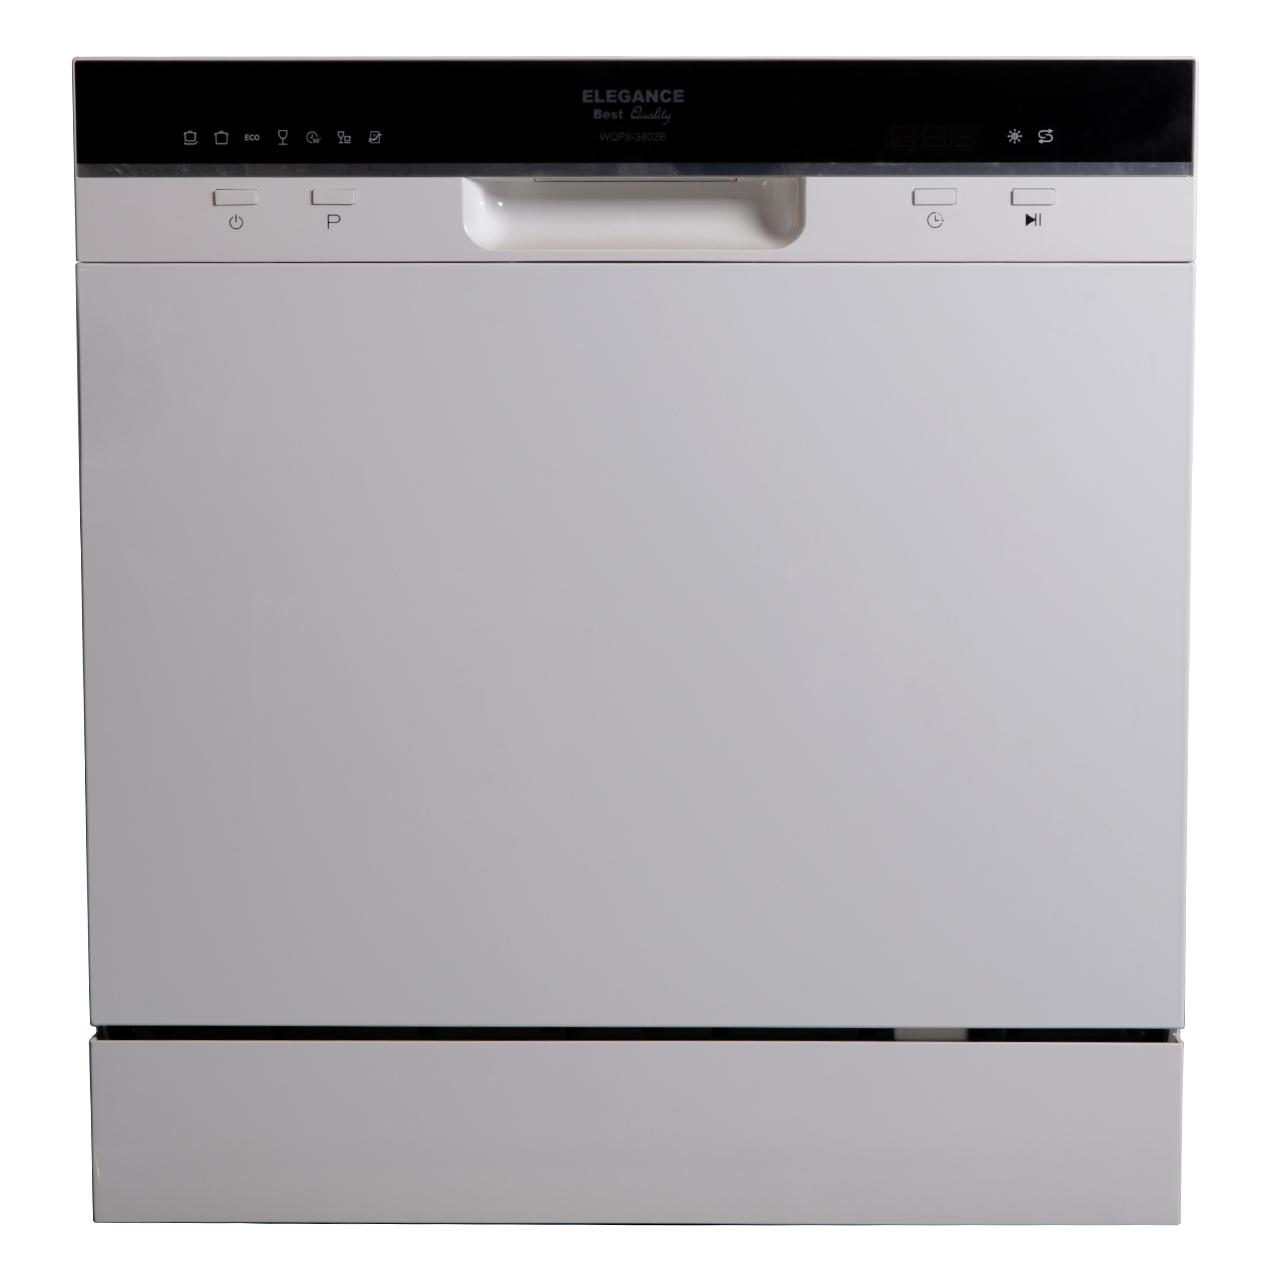 فروش نقدی و اقساطی ماشین ظرفشویی الگانس مدل WQP8-3802B مناسب برای 8 نفر